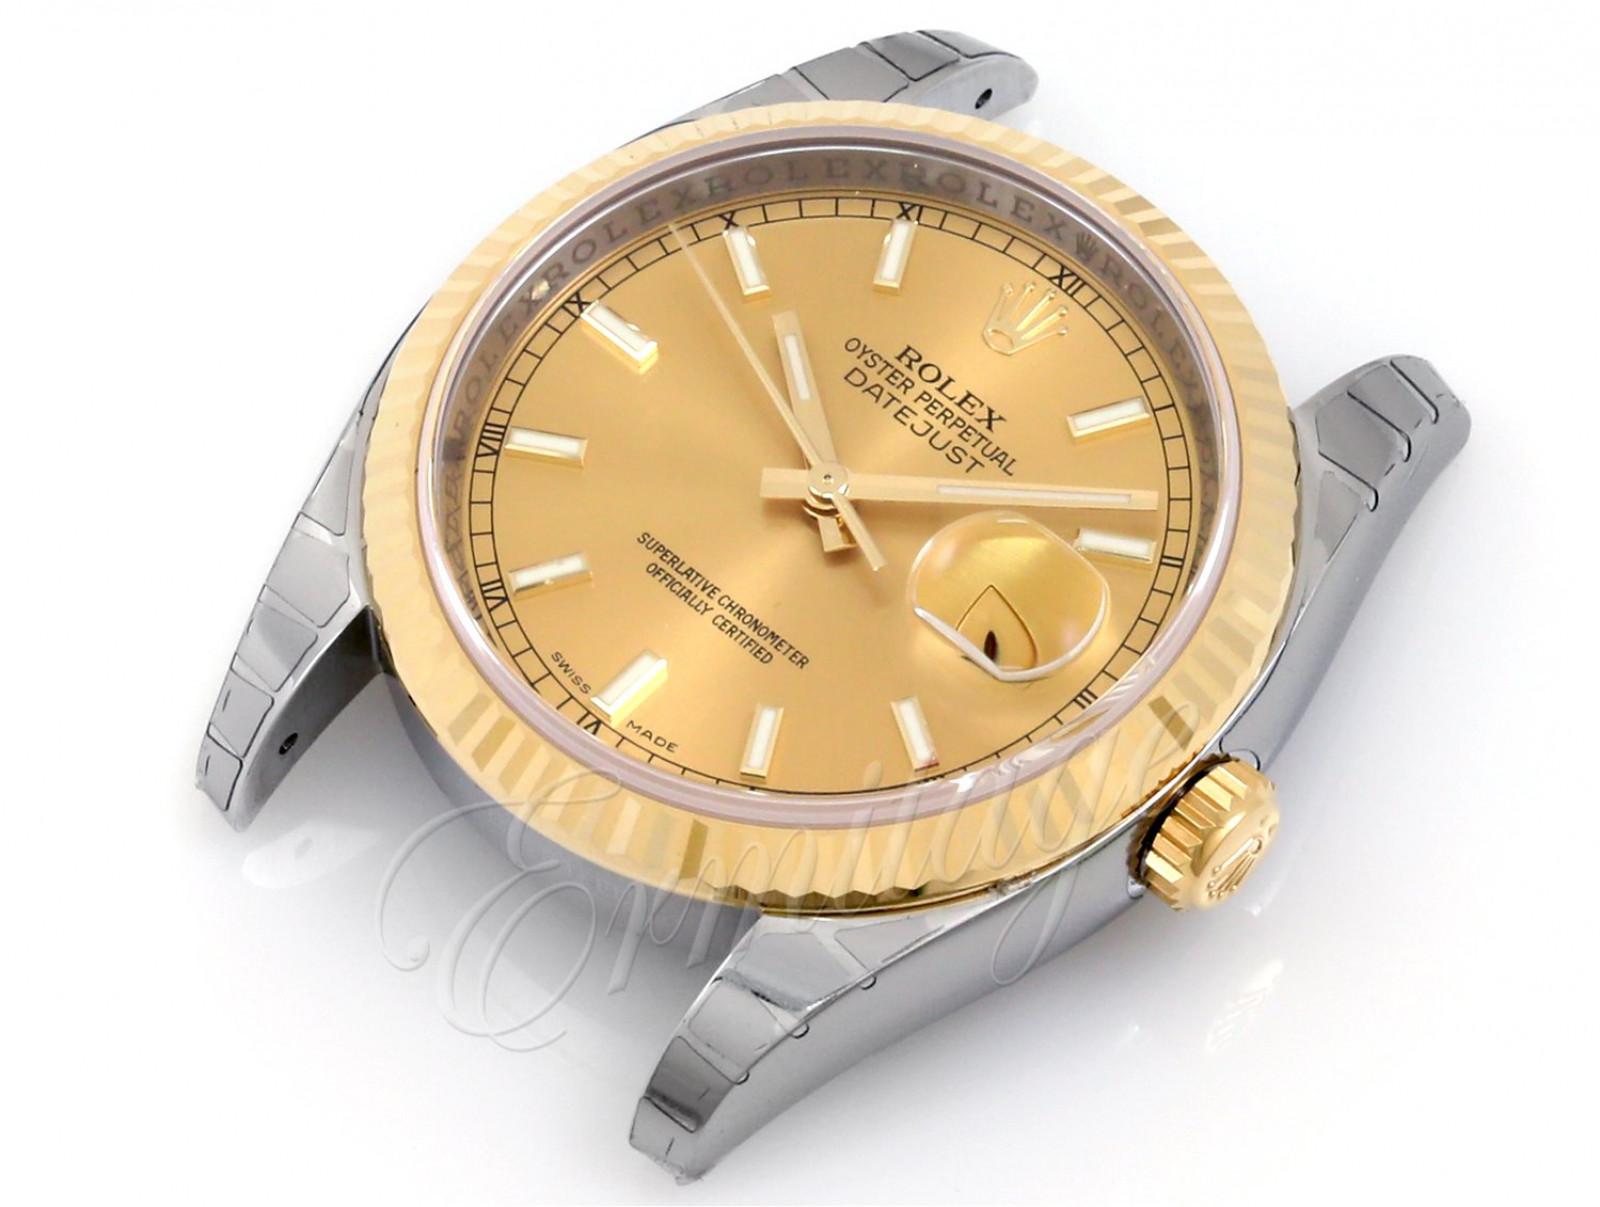 Unworn Rolex Datejust 116233 Gold & Steel